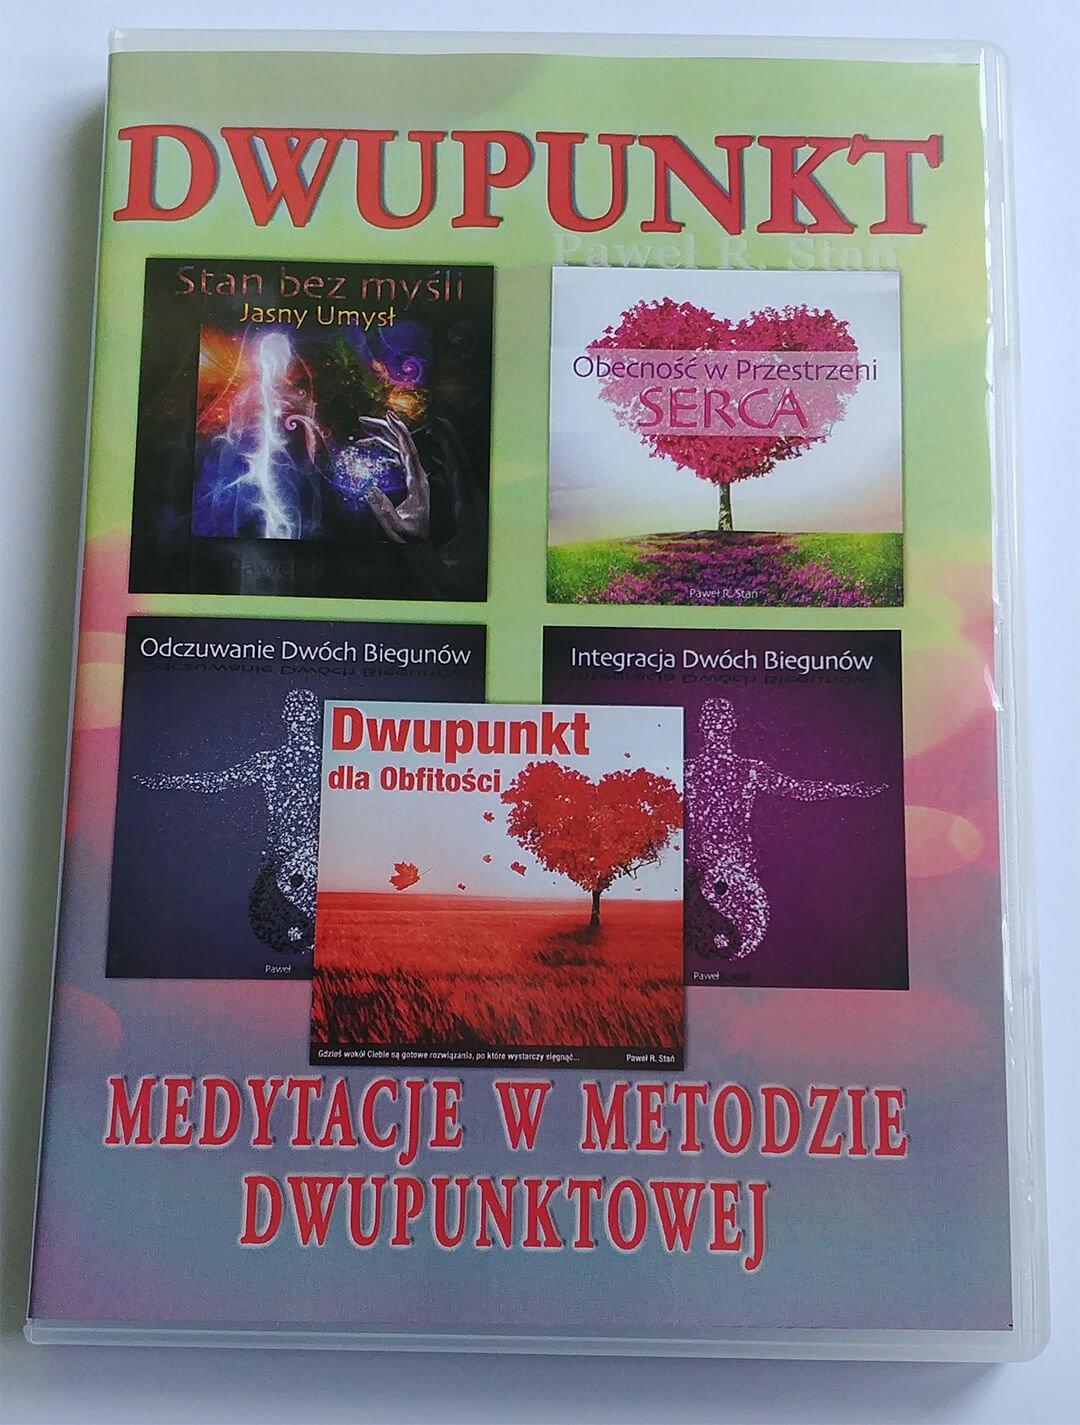 Metoda dwupunktowa cover - medytacja kierowana dla dwupunktu